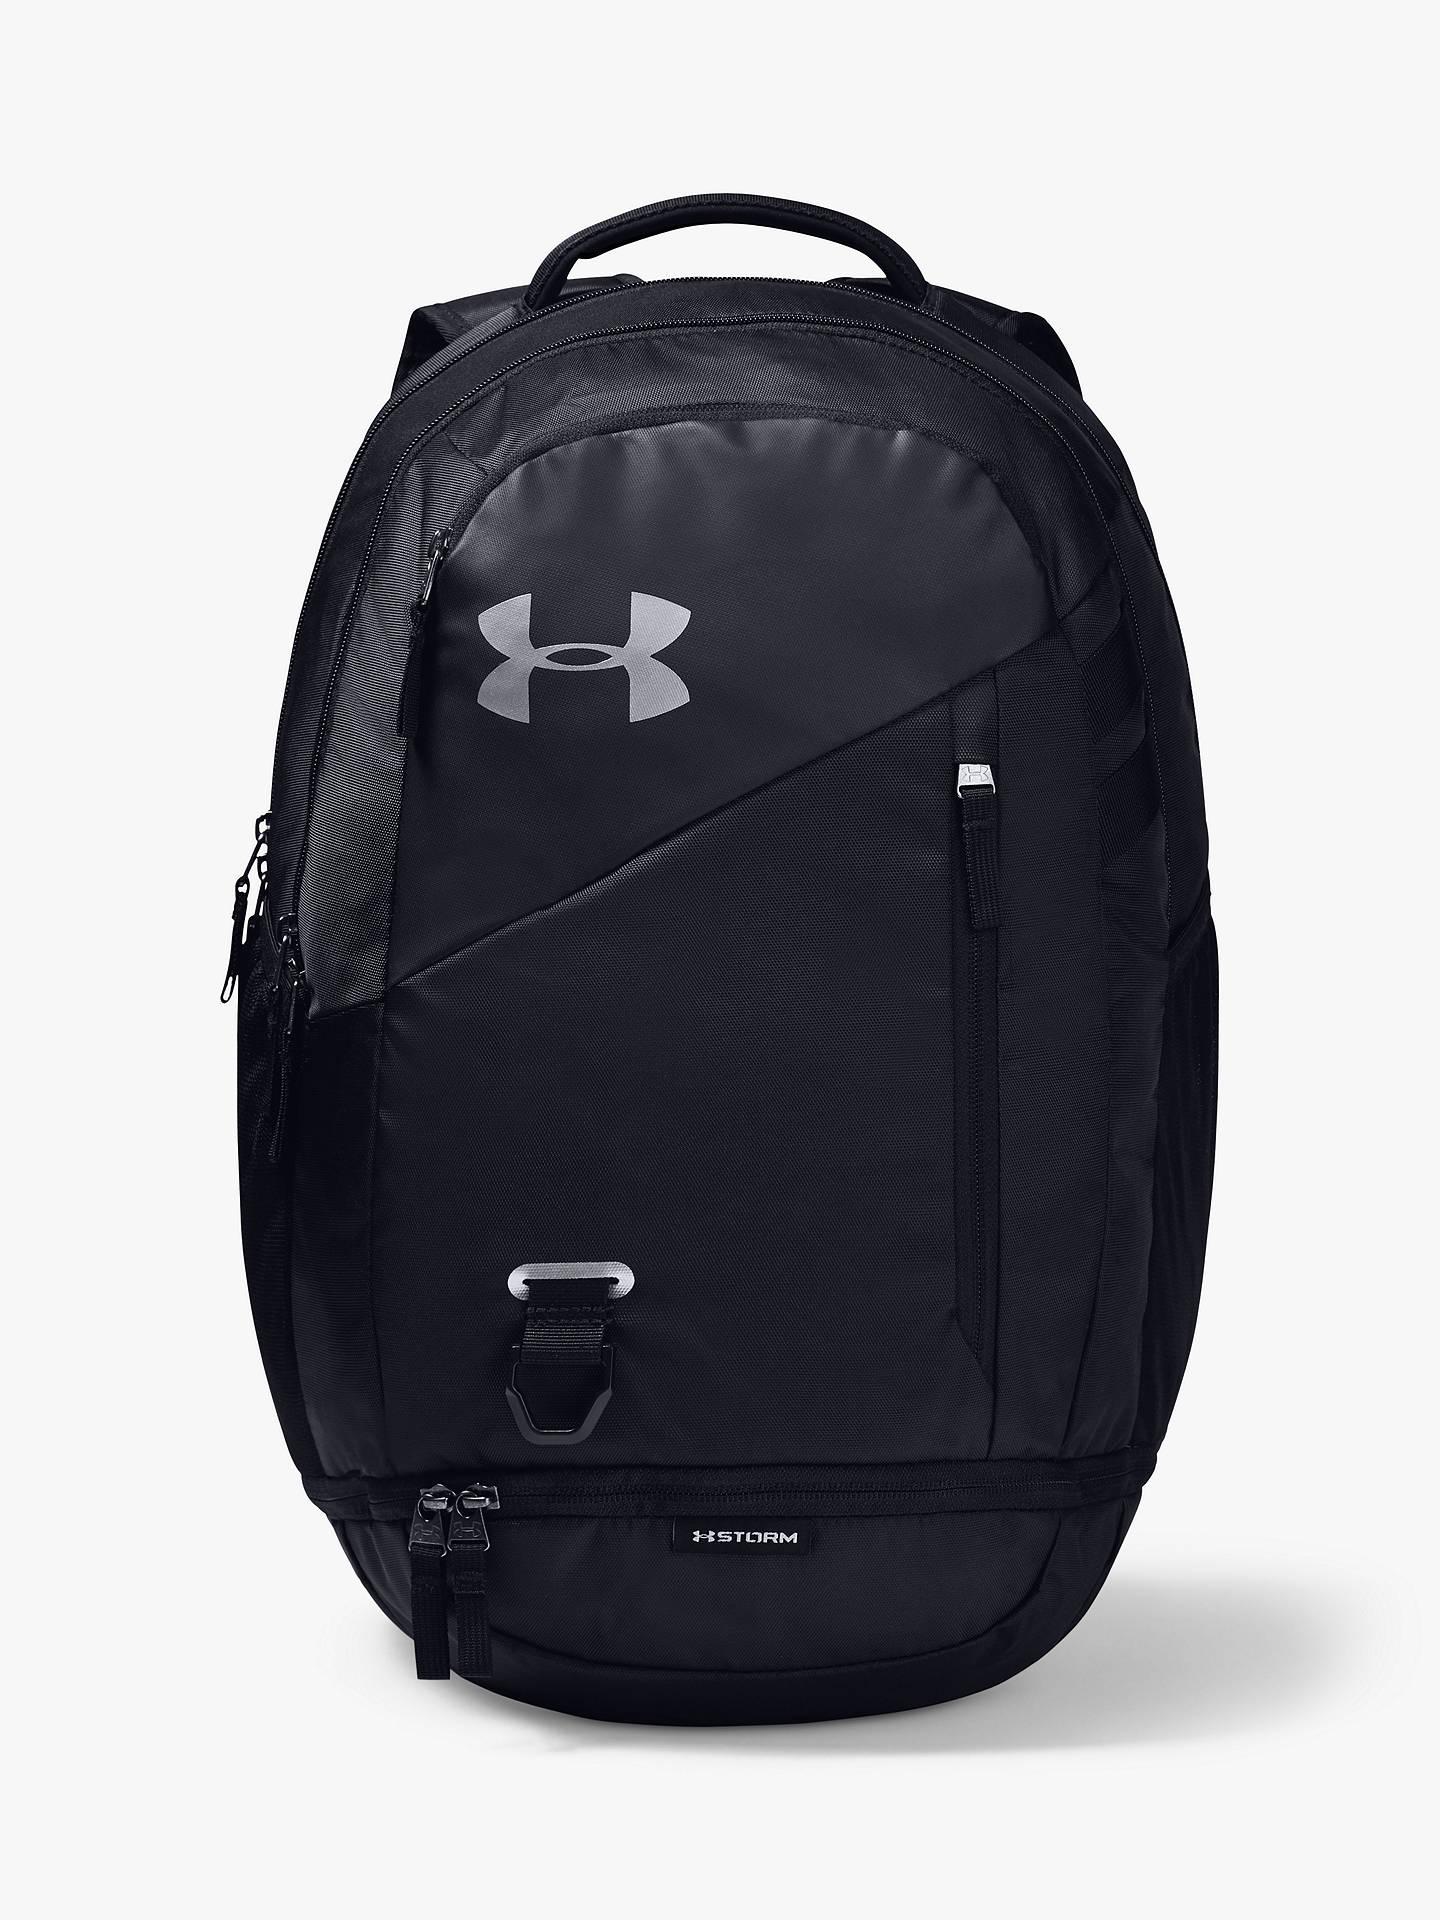 Kent Deshacer Estragos  Under Armour Hustle 4.0 Backpack, Black/Silver at John Lewis & Partners